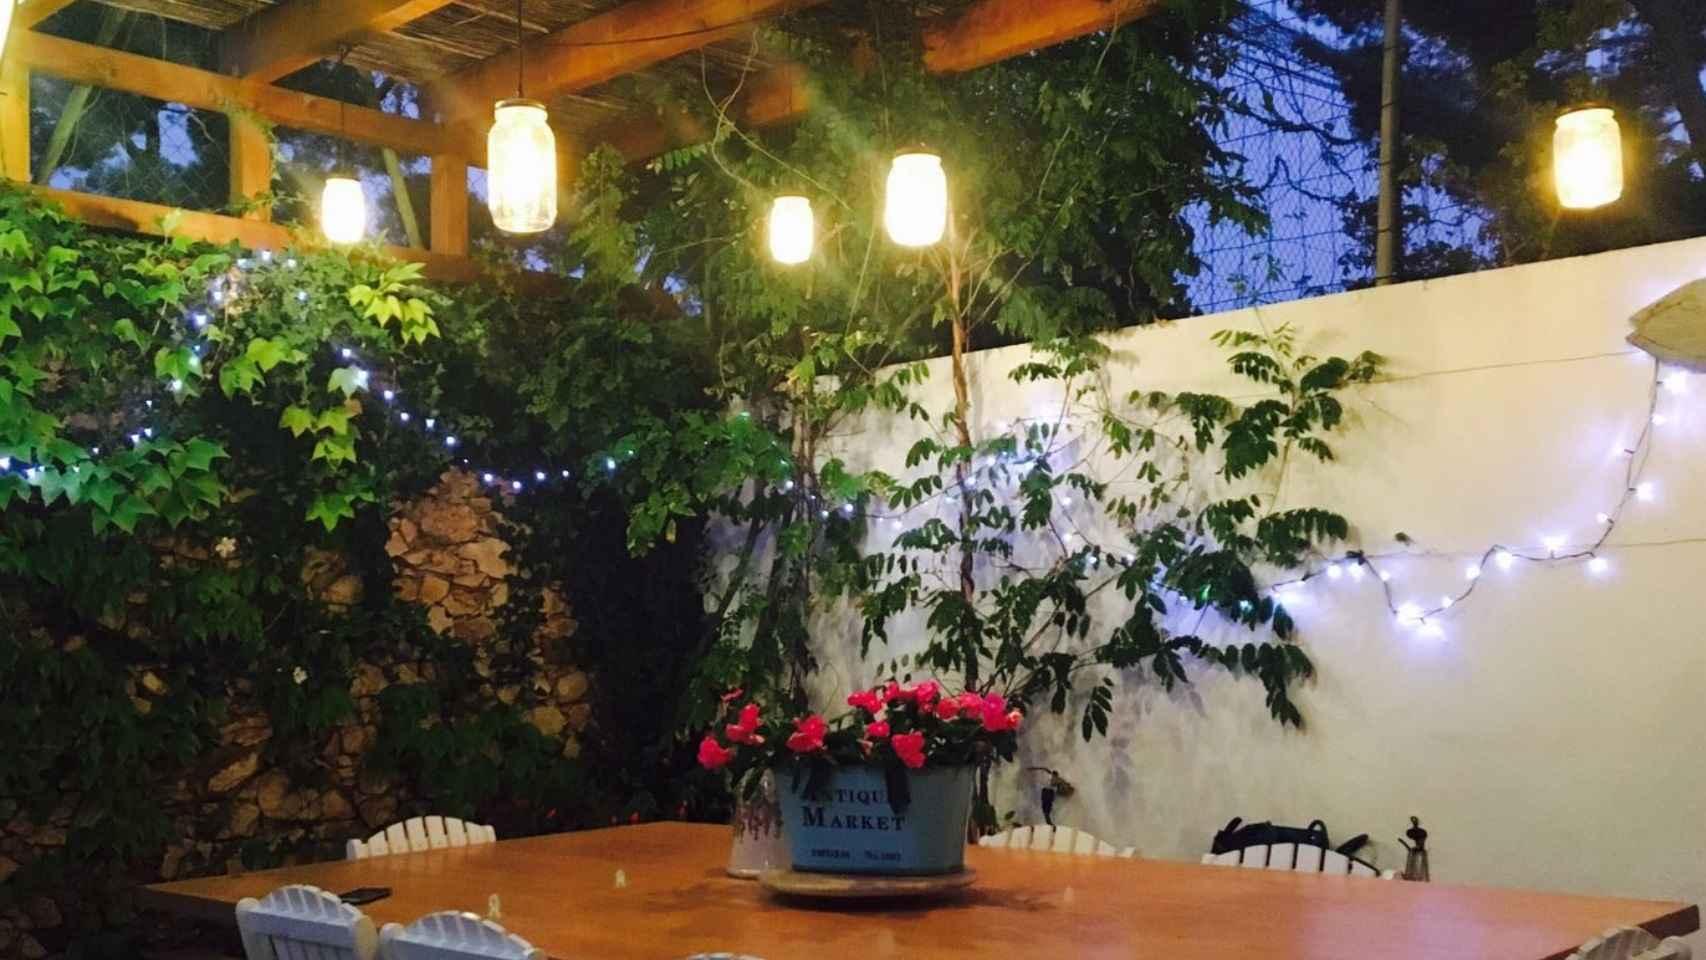 Tarros de cristal como farolillos, en la casa que fue del escritor Tom Sharpe en la Costa Brava, ahora renovada. Se alternan con una guirnalda de mini bombillas de luz fría.